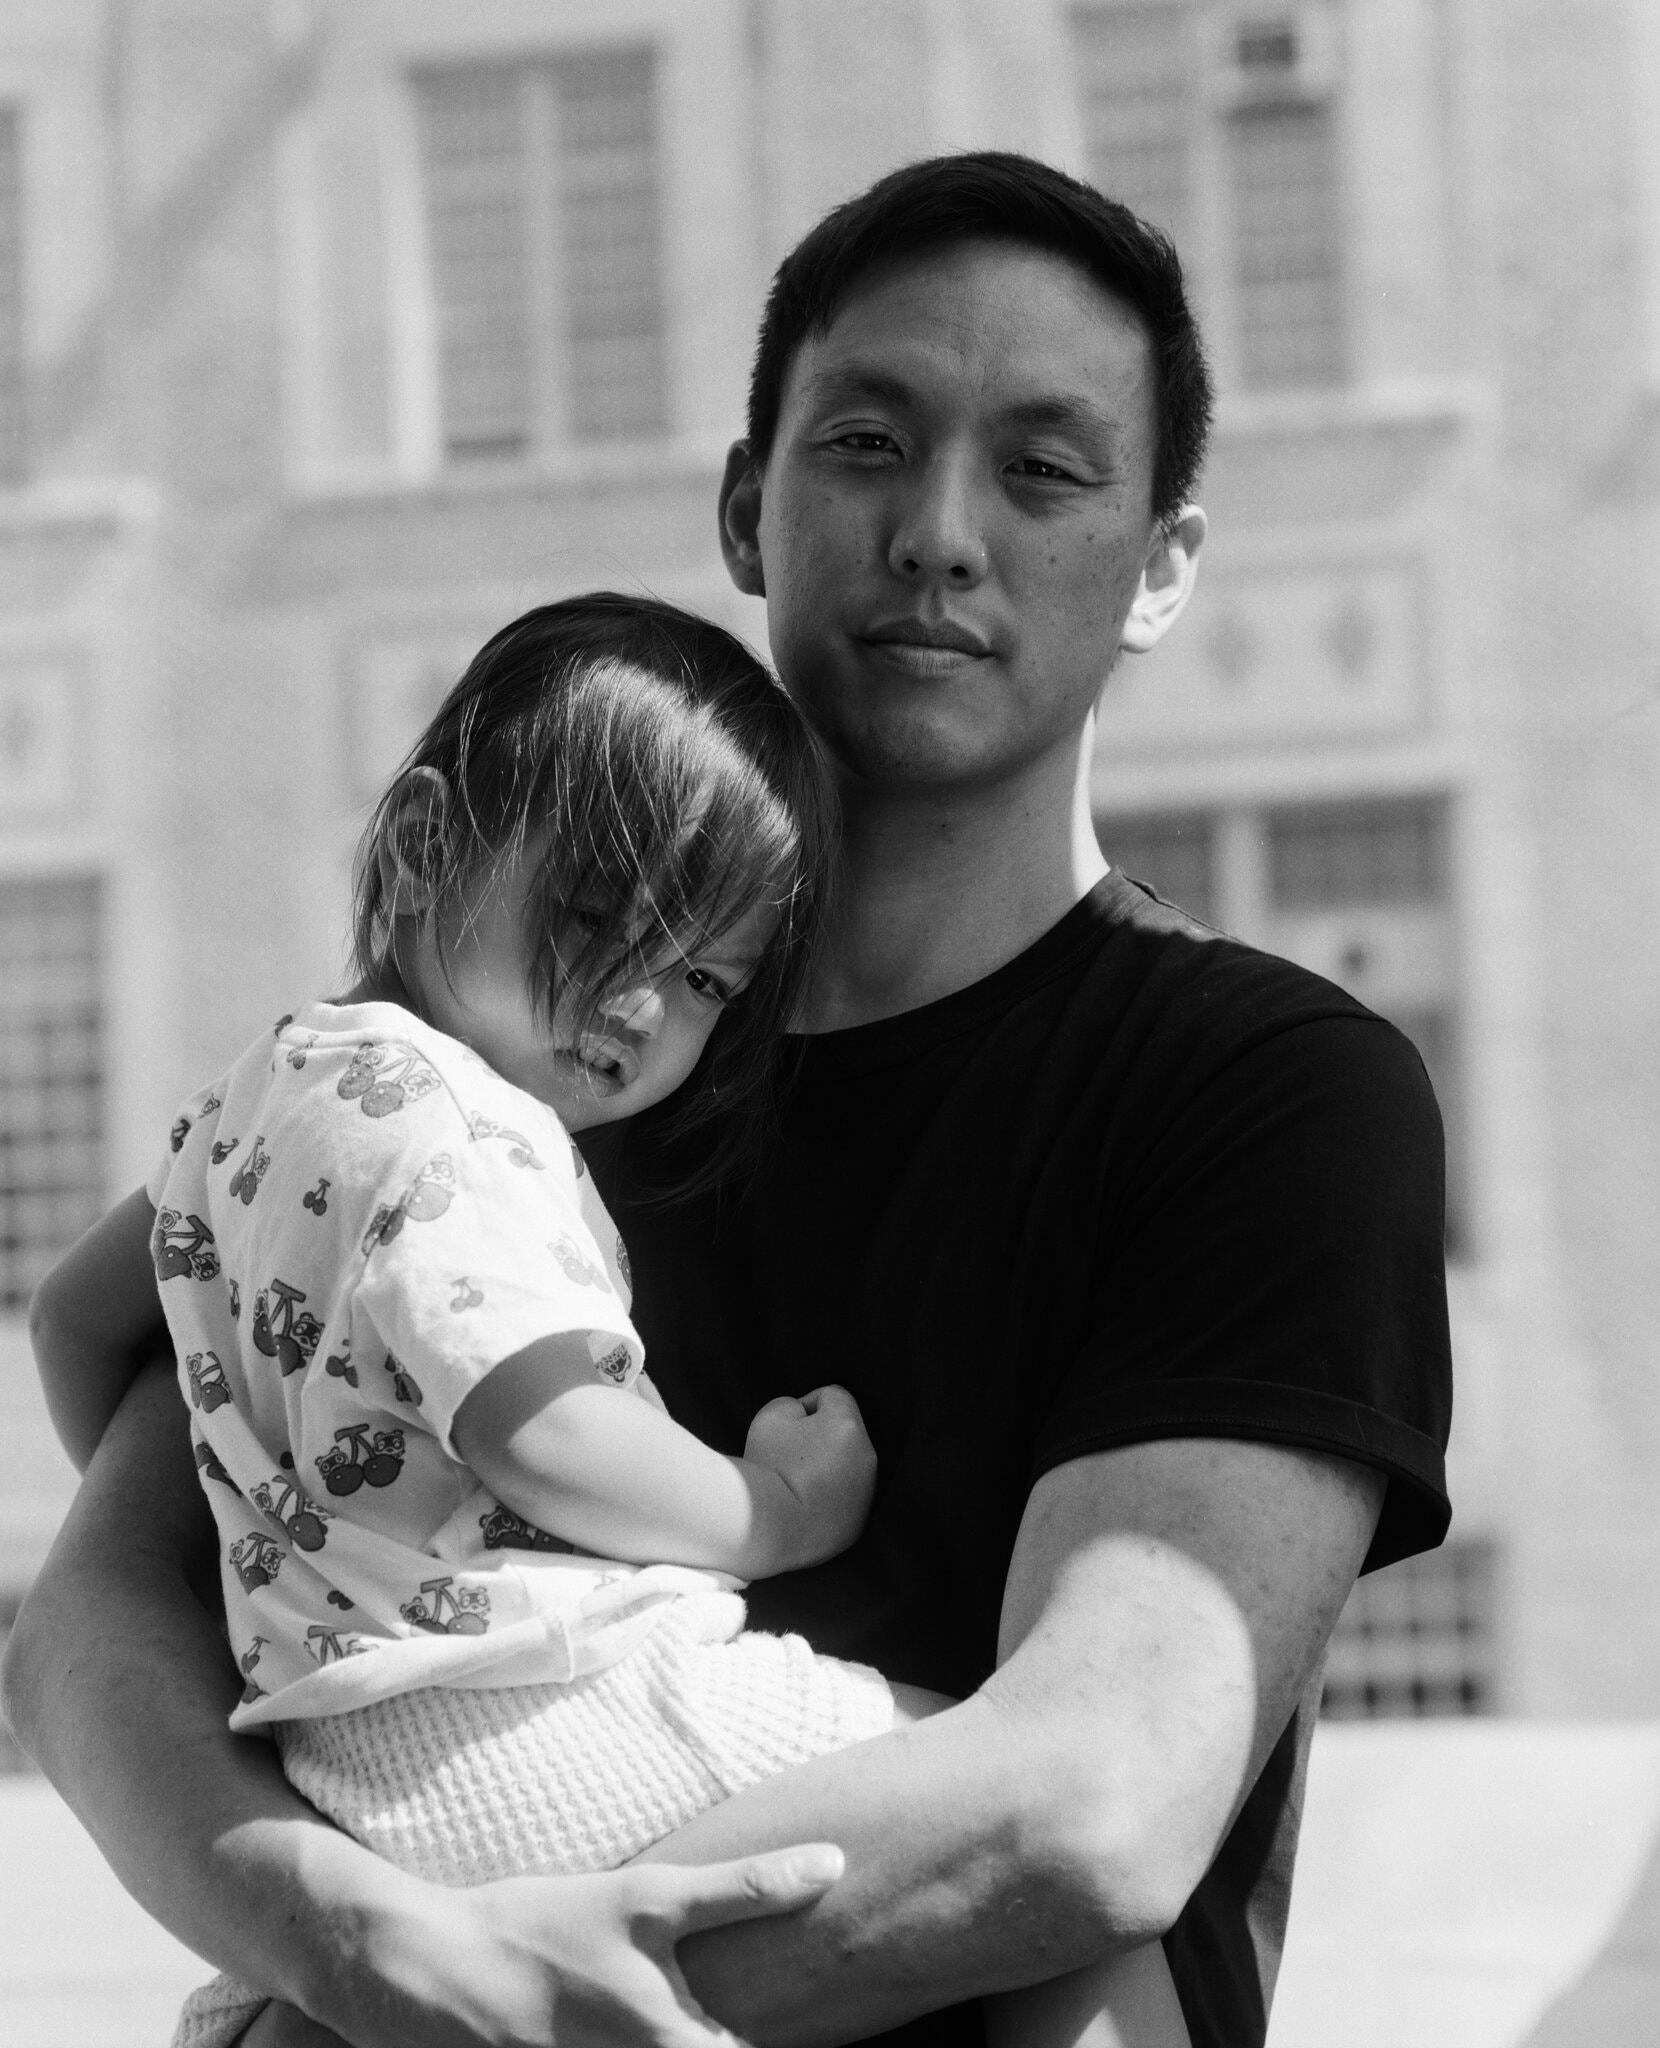 A.I. Meets Fatherhood in an Artist's New Work